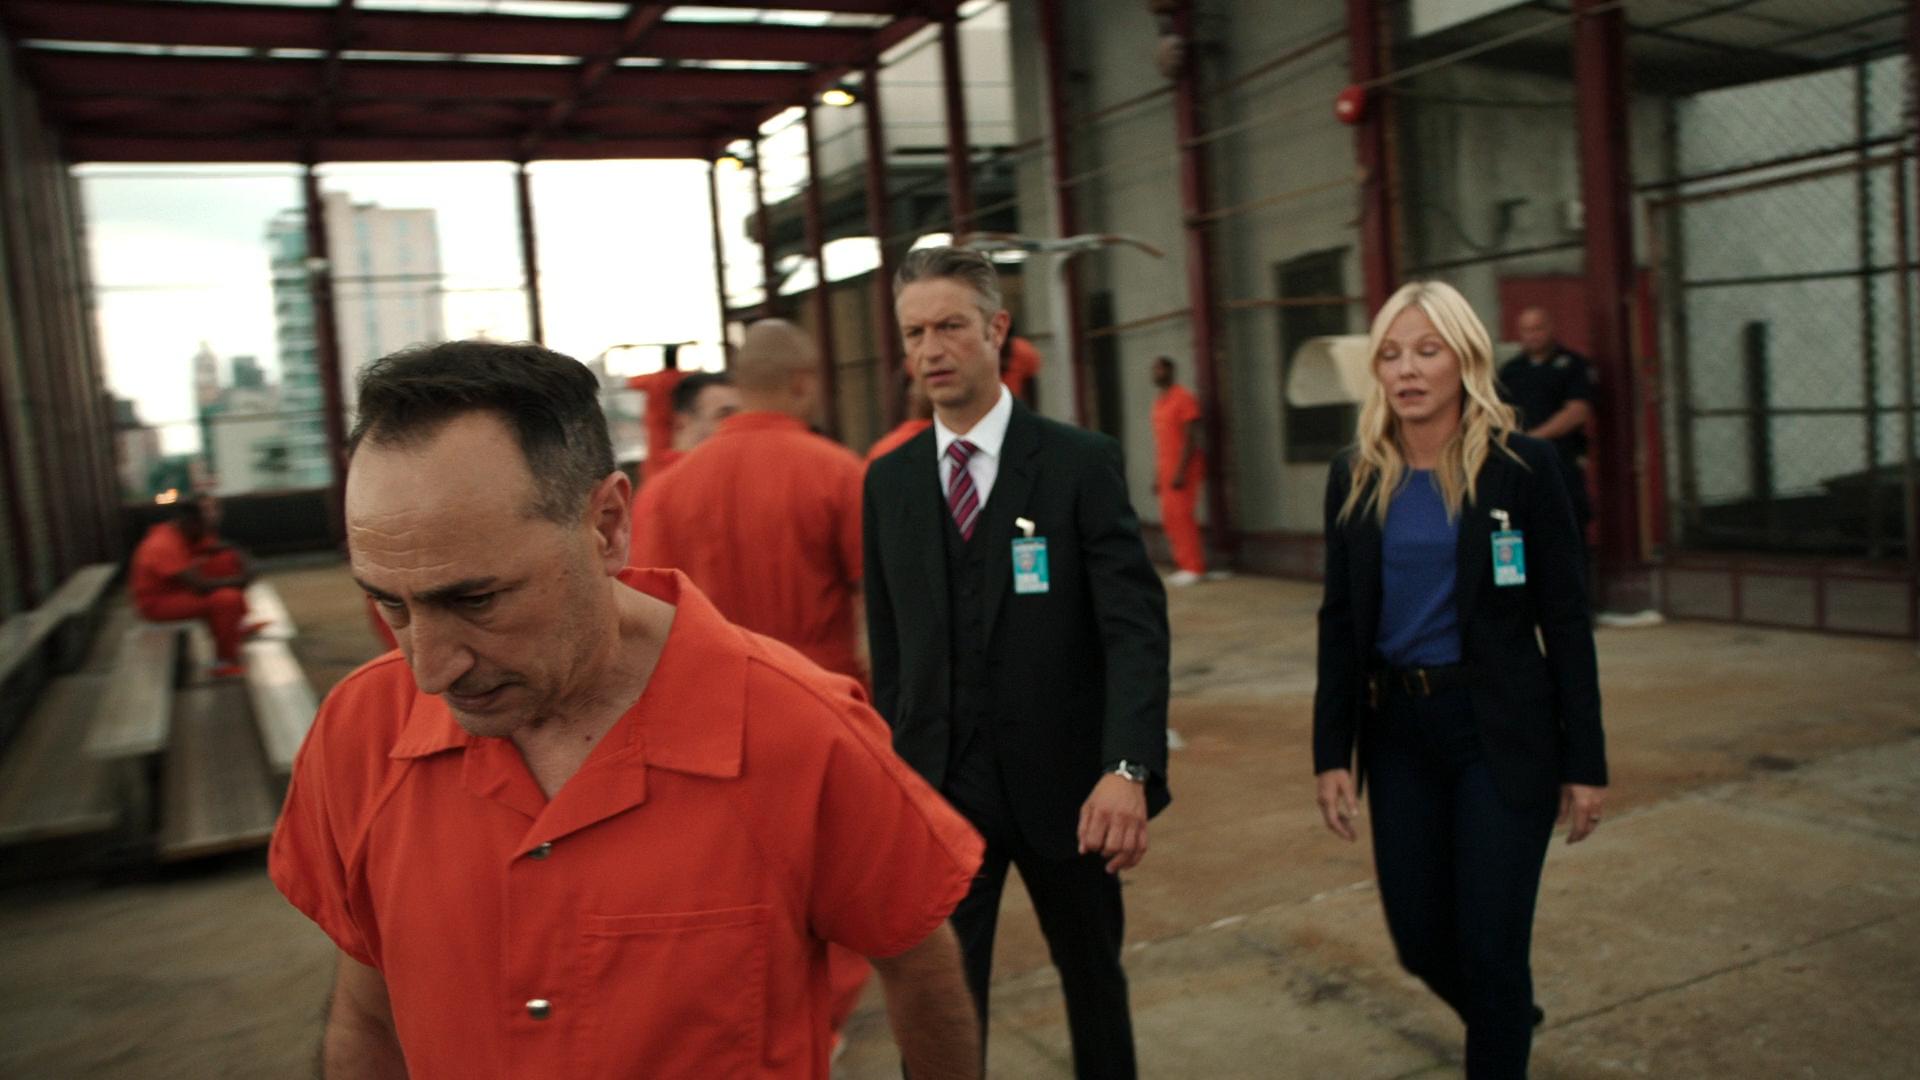 Изображение для Закон и порядок. Специальный корпус / Law & Order: Special Victims Unit, Сезон 23, Серии 1-4 из 16 (2021) WEB-DLRip 1080p (кликните для просмотра полного изображения)